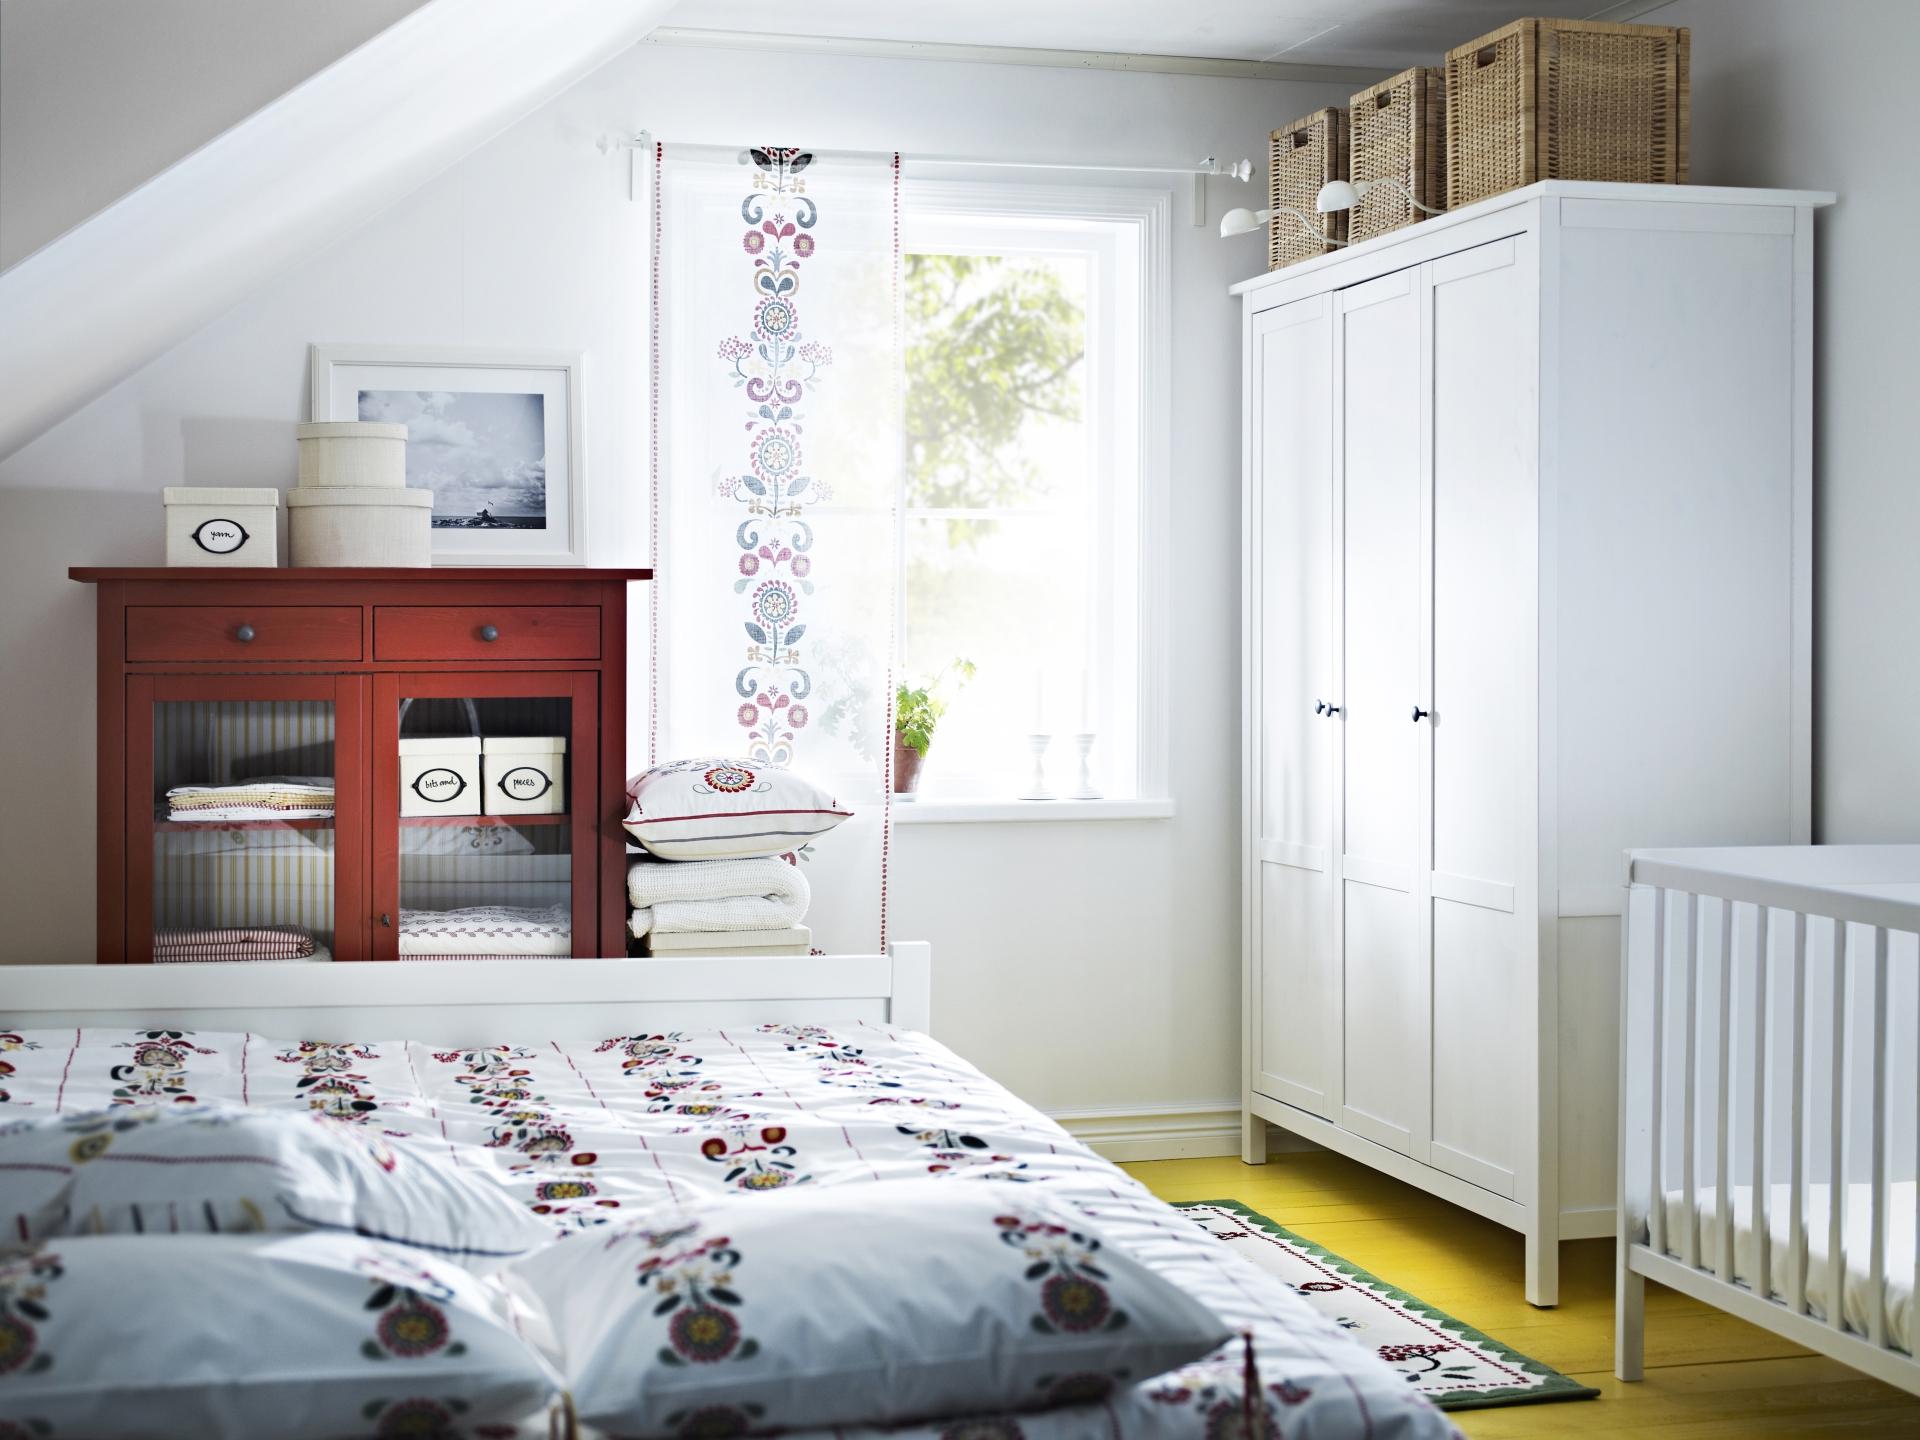 Aprende a organizar tu habitación de manera práctica